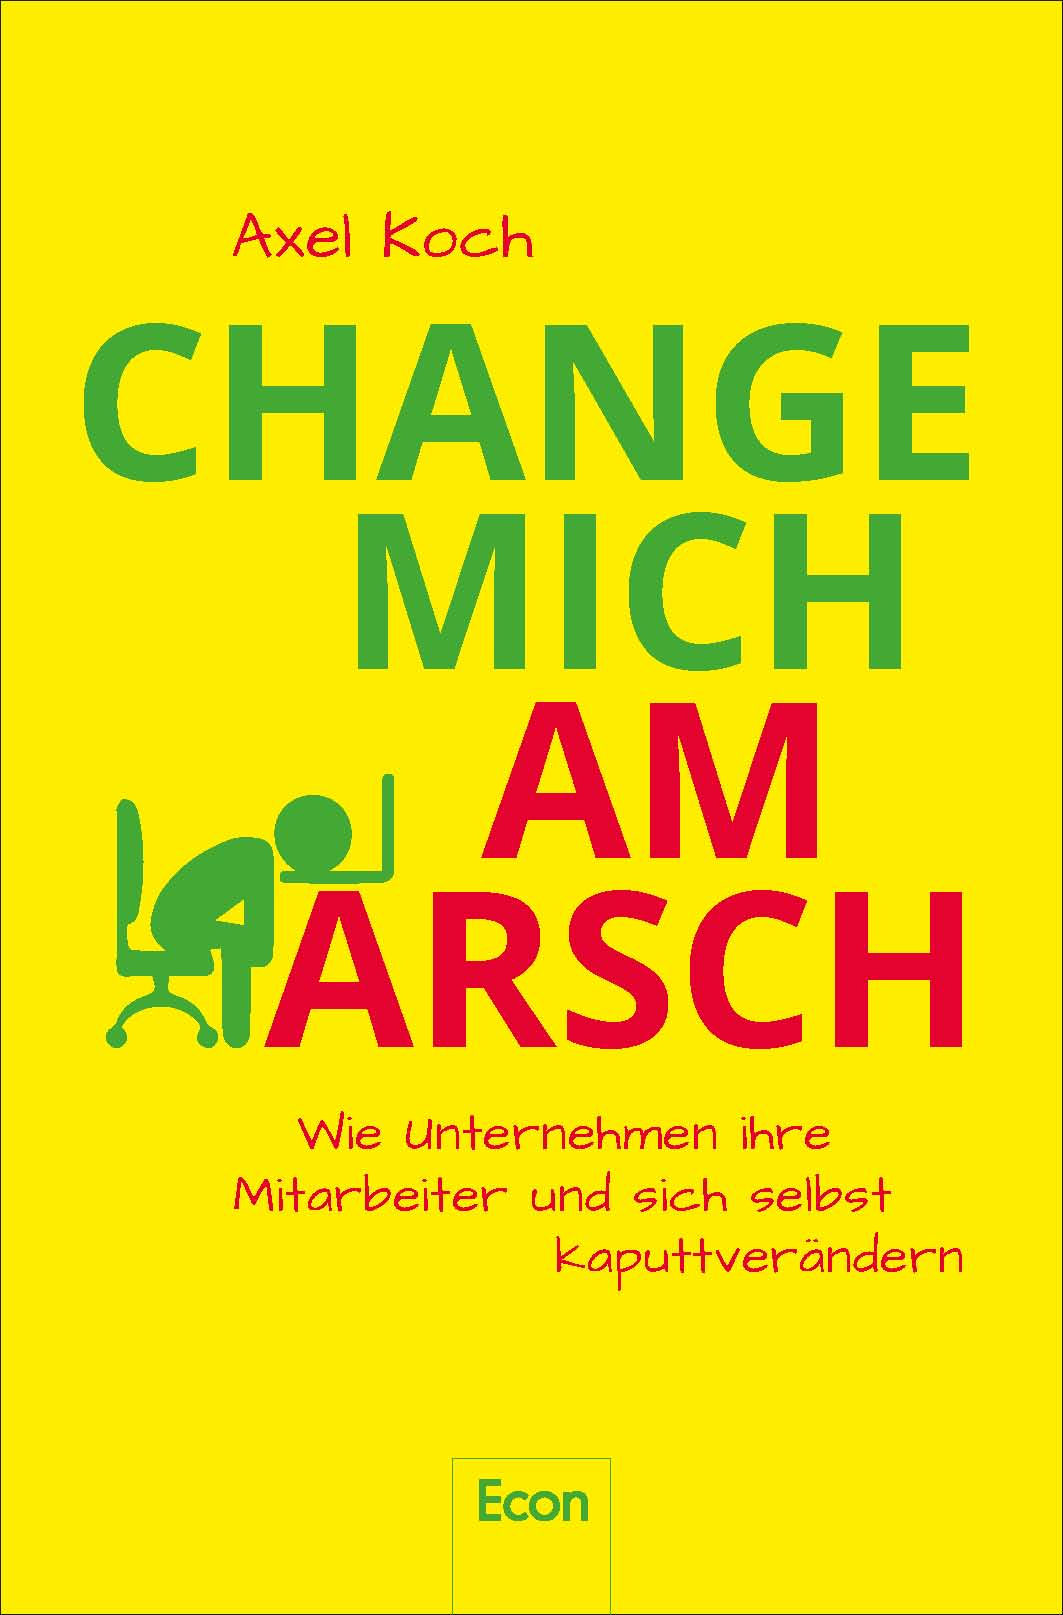 Axel Koch - Change mich am Arsch - Wie Unternehmen ihre Mitarbeiter und sich selbst kaputtverändern